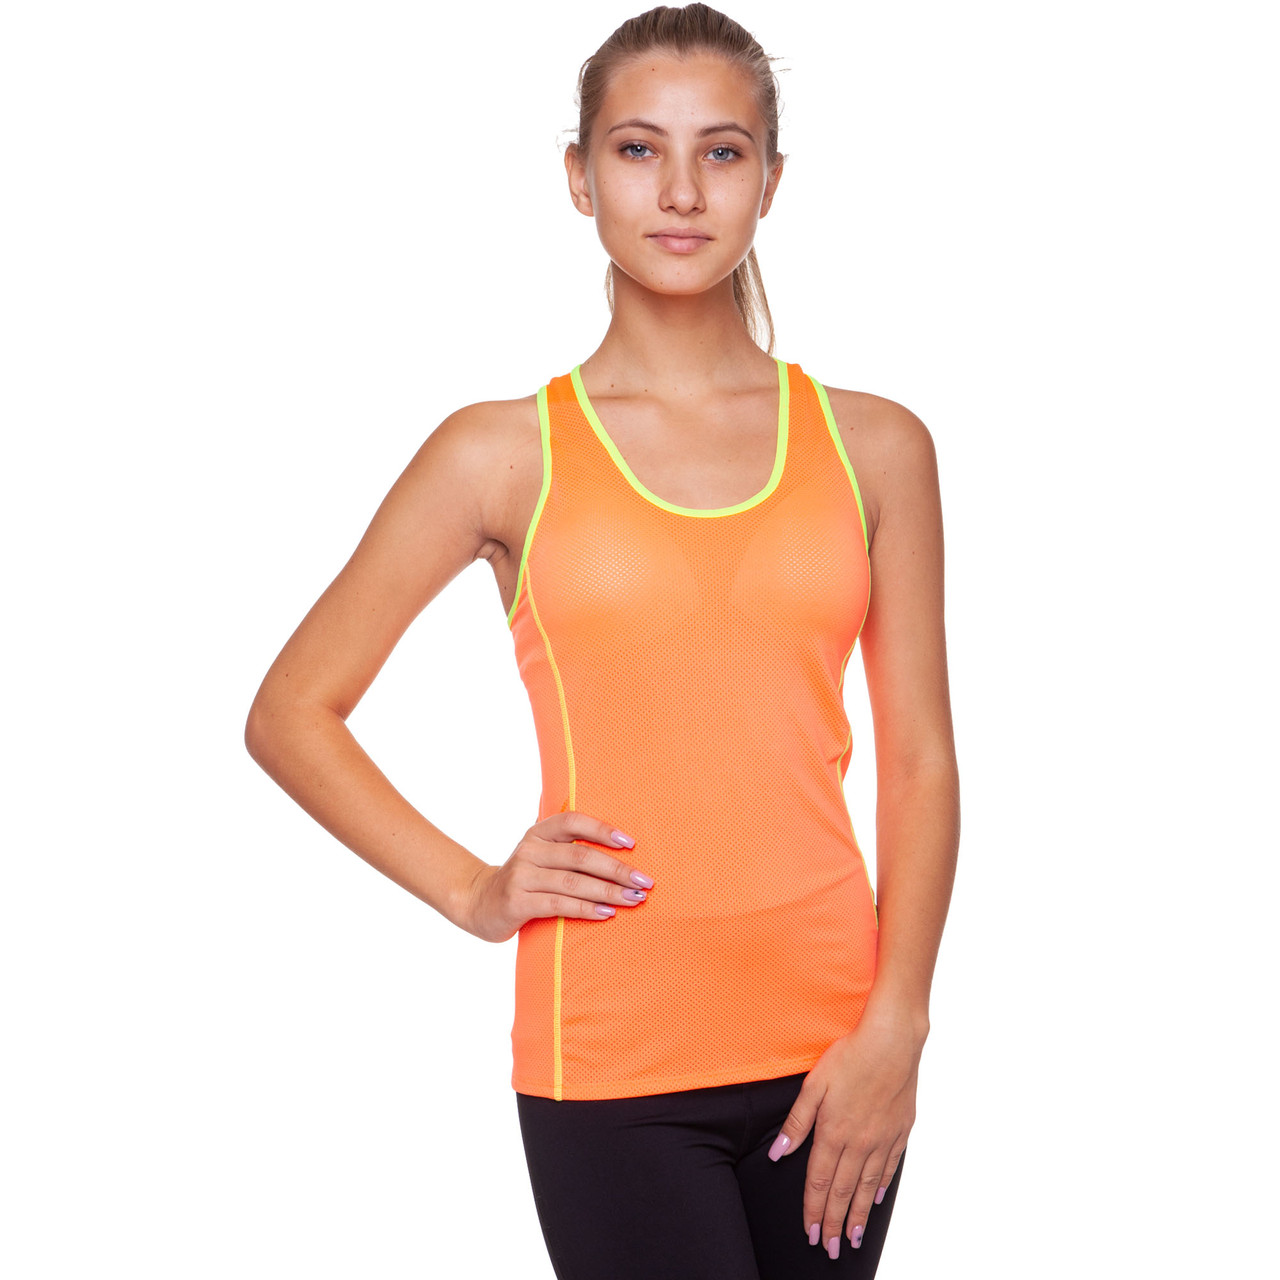 Майка для фитнеса и йоги Domino CO-39020 размер M-42-48 цвета в ассортименте